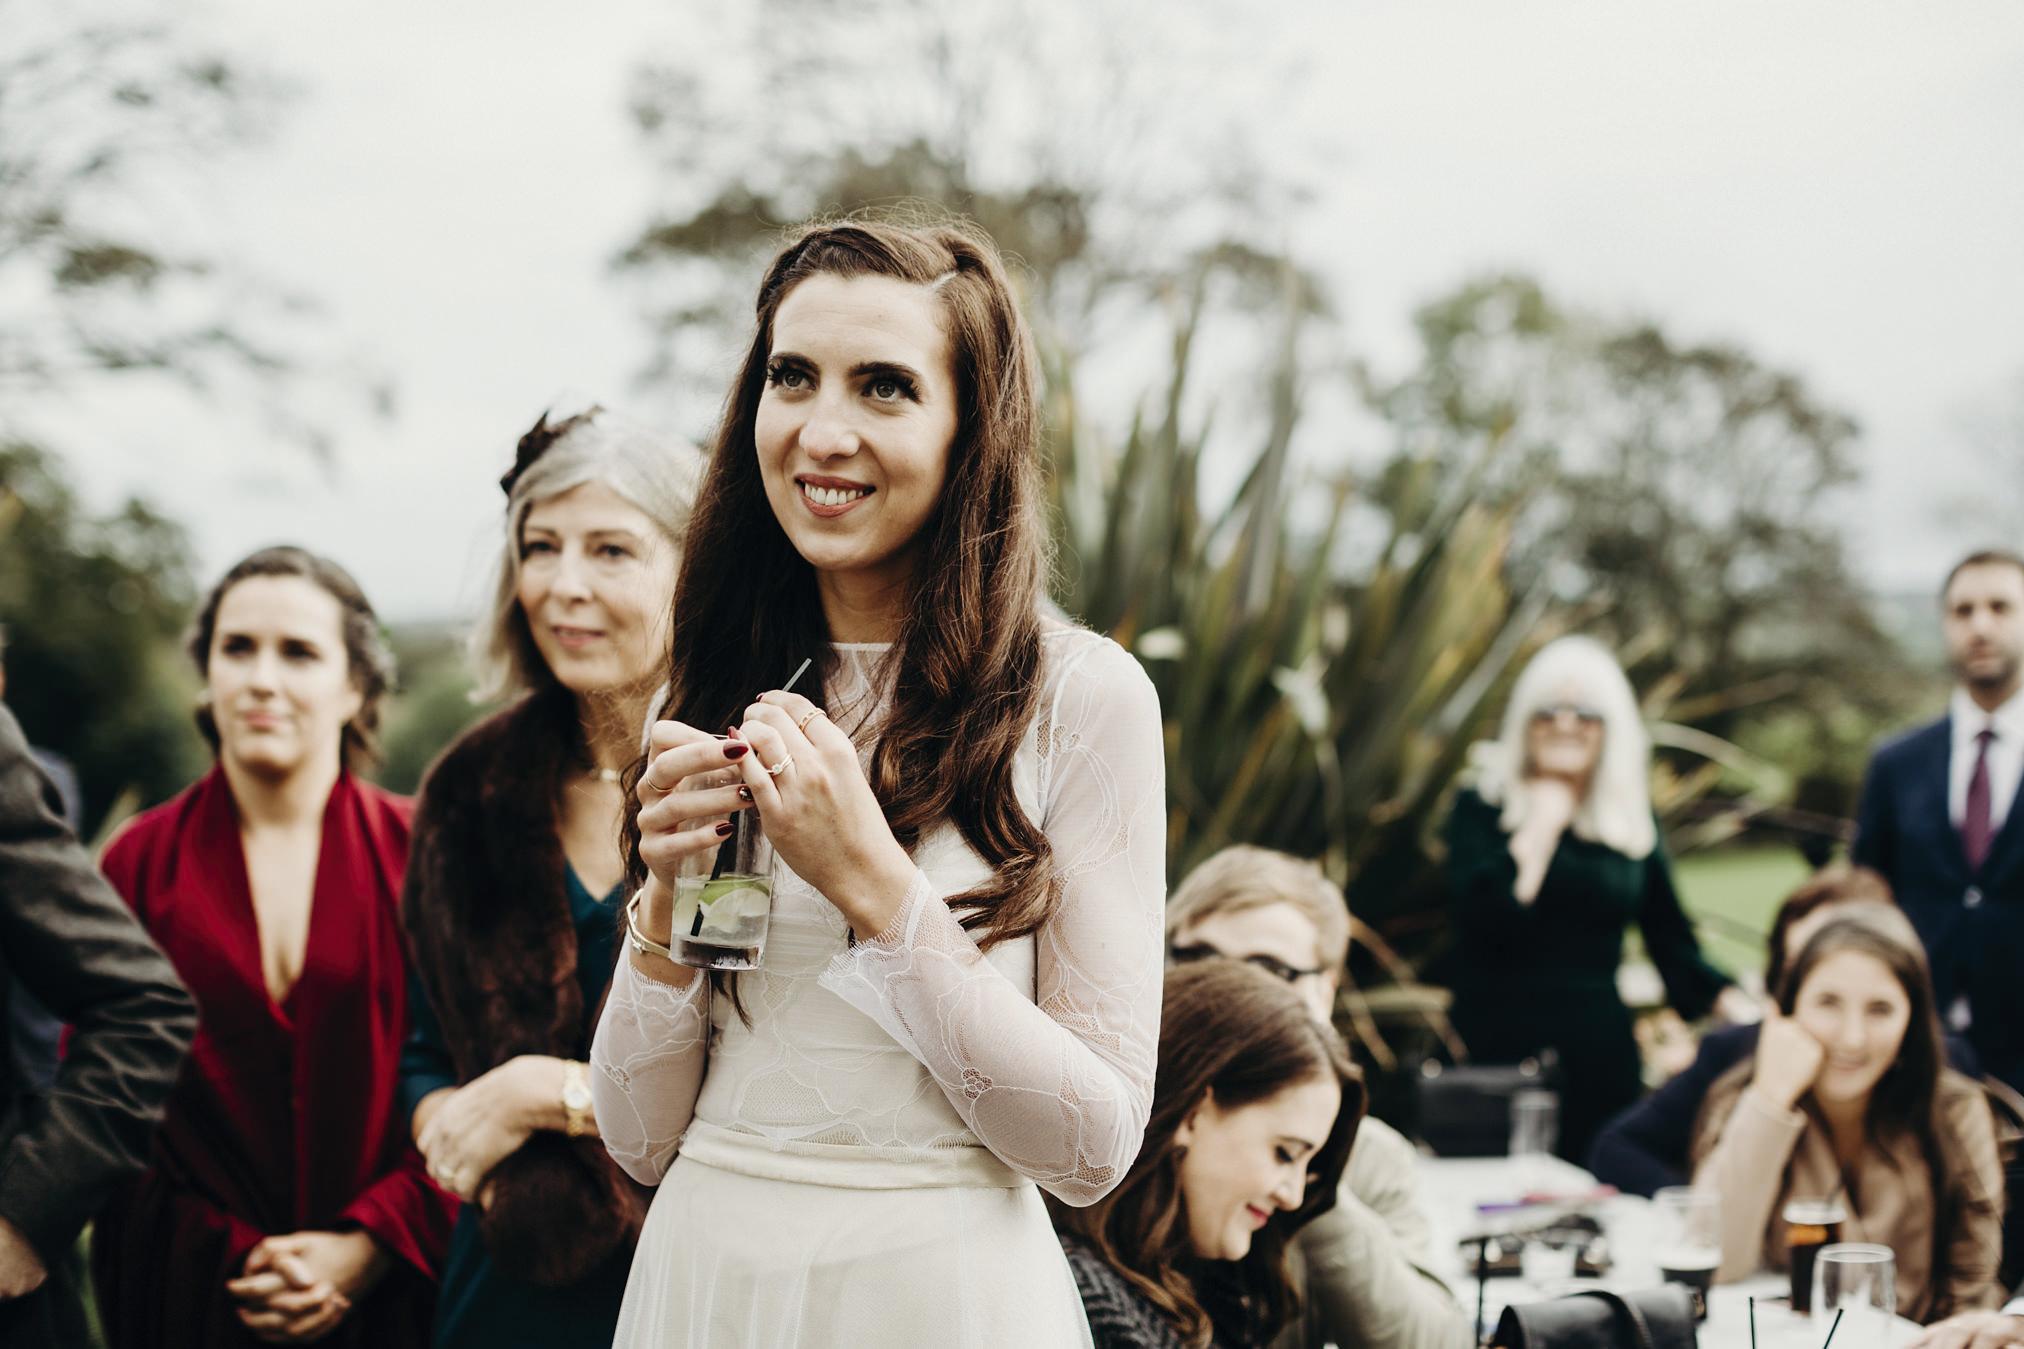 wedding photographer irelandGraciela Vilagudin Photography642.jpg